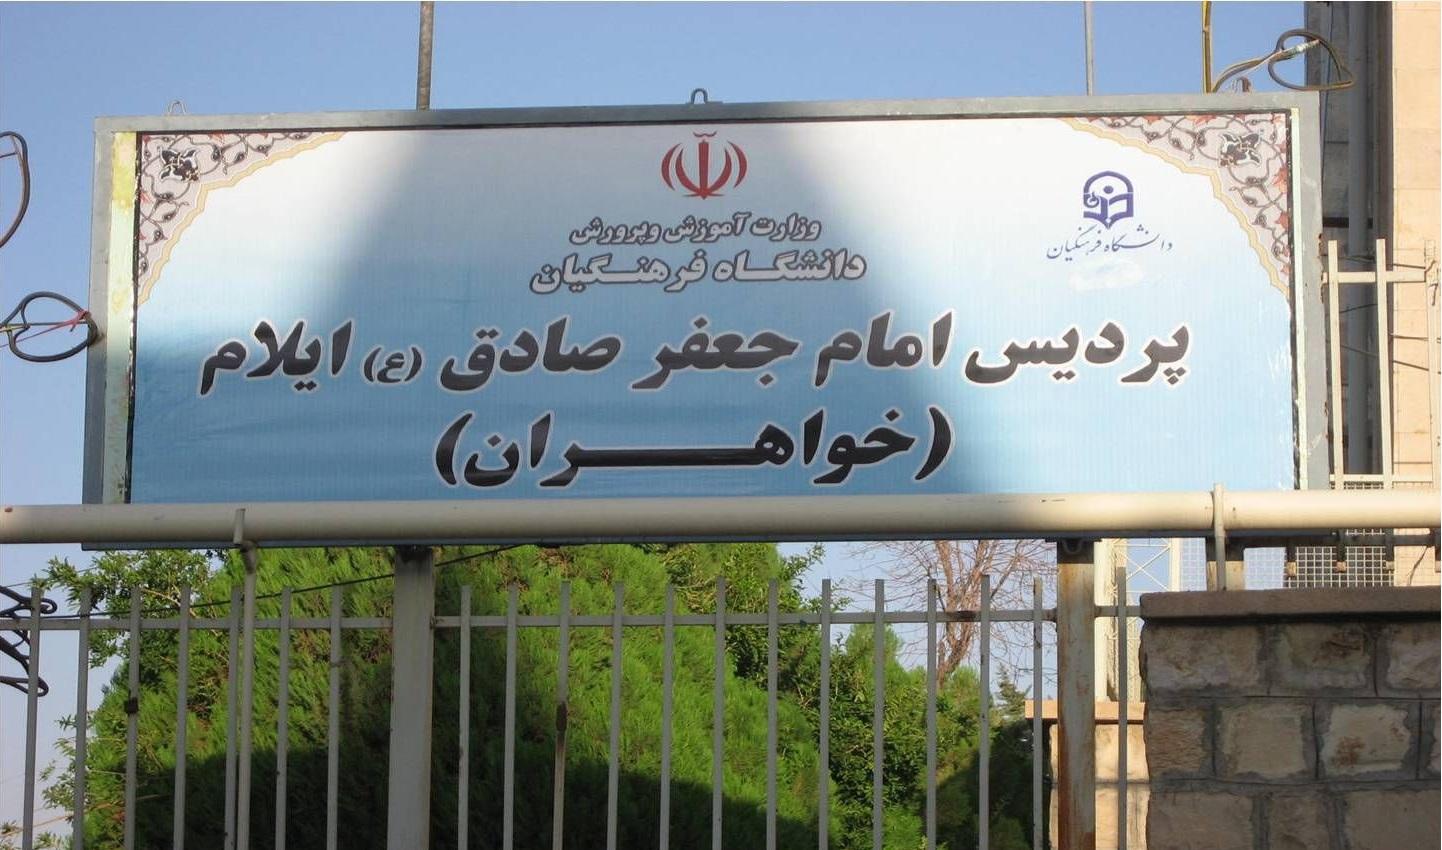 ثبت نام دانشگاه فرهنگیان ایلام